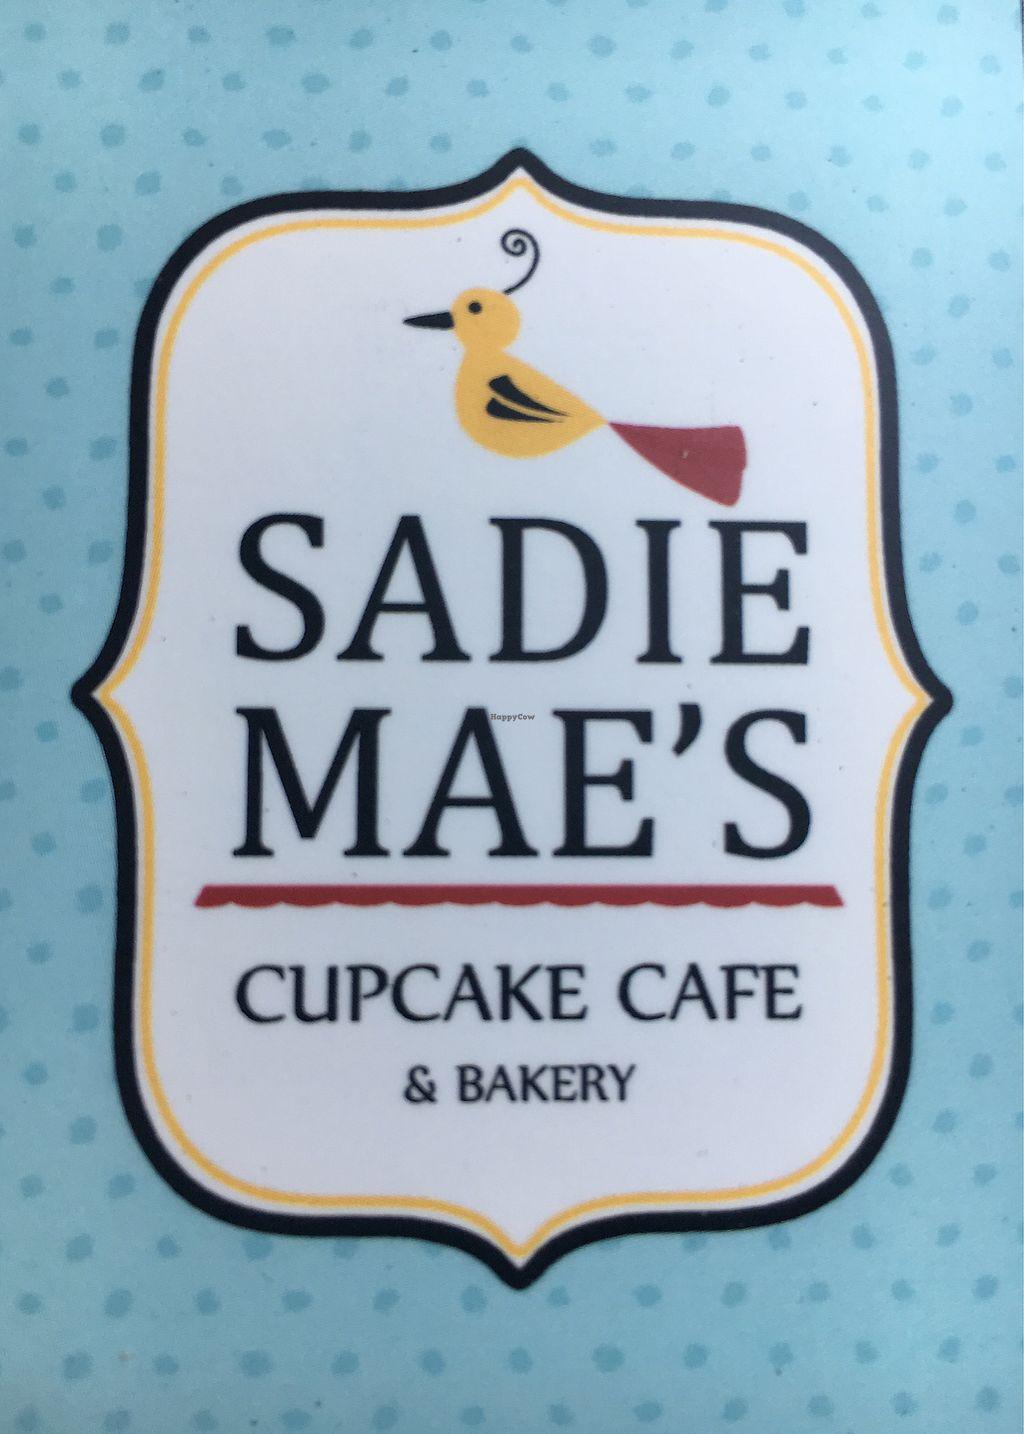 """Photo of Sadie Mae's Cupcake Cafe  by <a href=""""/members/profile/DeborahBrockney"""">DeborahBrockney</a> <br/>Sadie Mae's Cupcake Cafe <br/> September 11, 2017  - <a href='/contact/abuse/image/100456/303225'>Report</a>"""